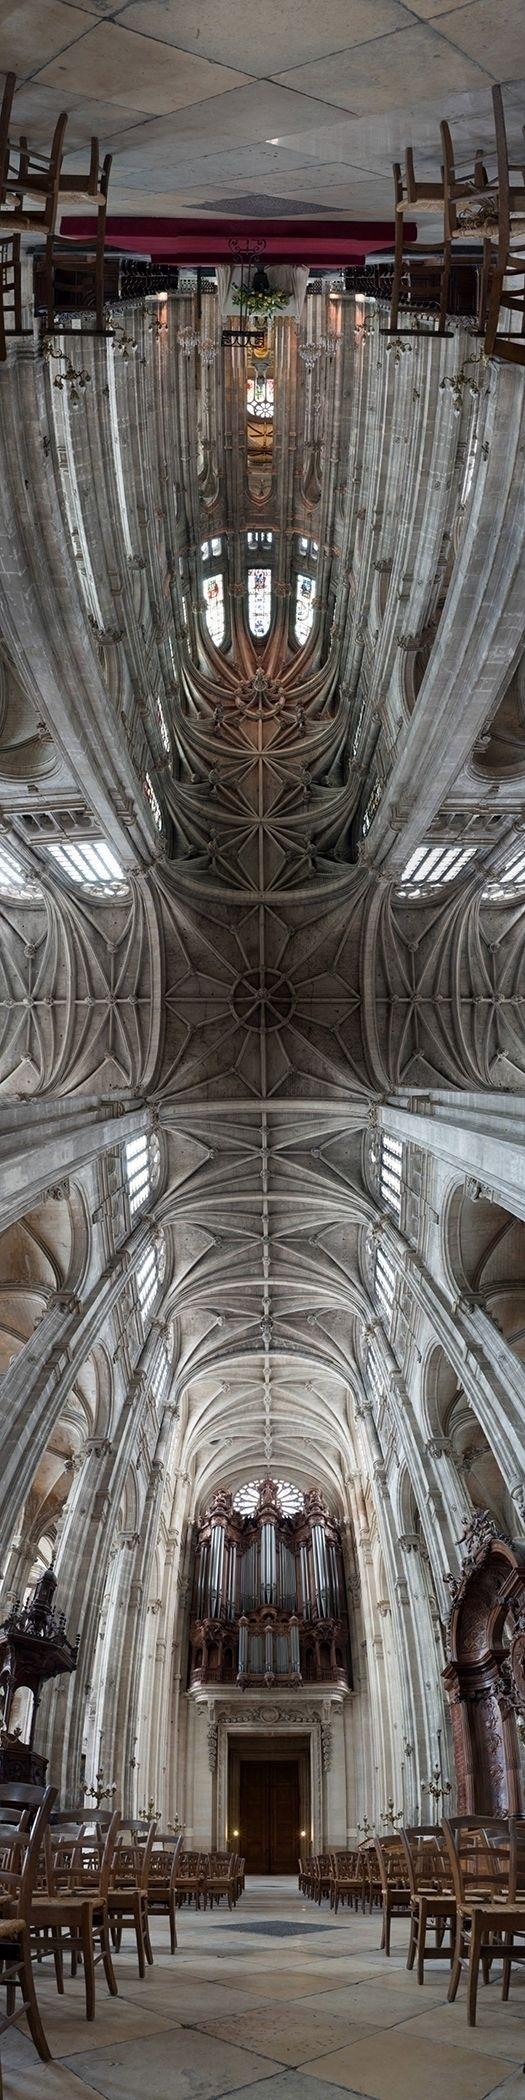 Architecture: église ou cathédr - gclavet | ello